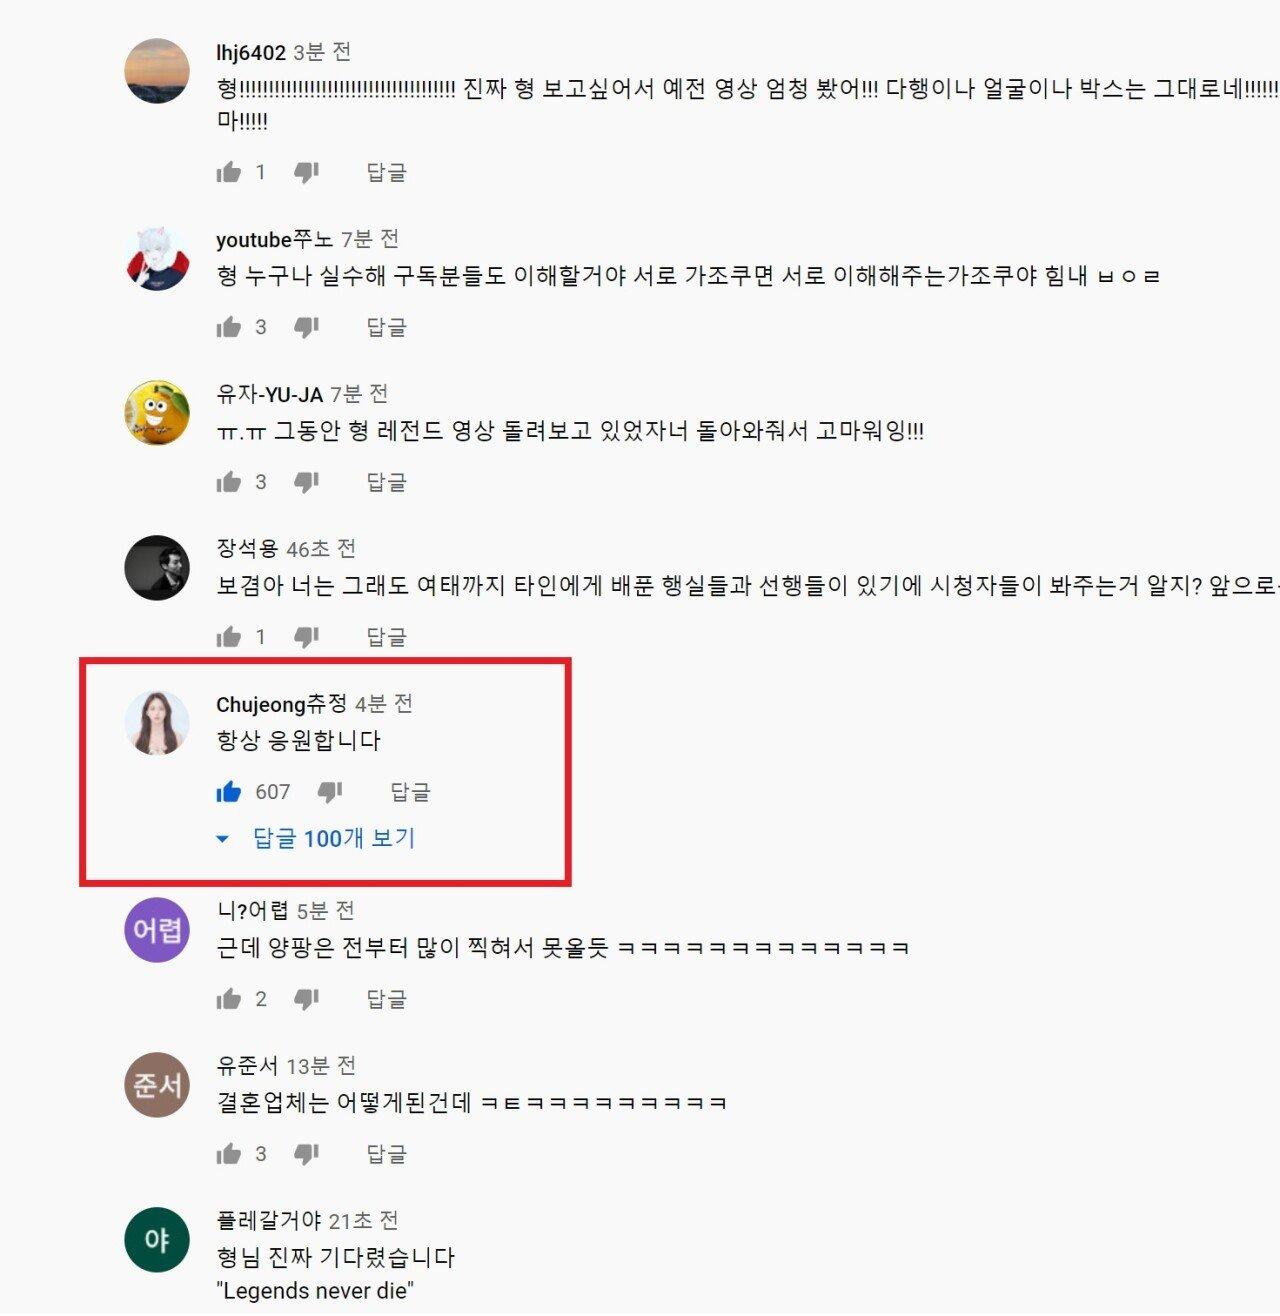 츄정댓글.jpg 보겸 복귀영상에 츄정이 댓글